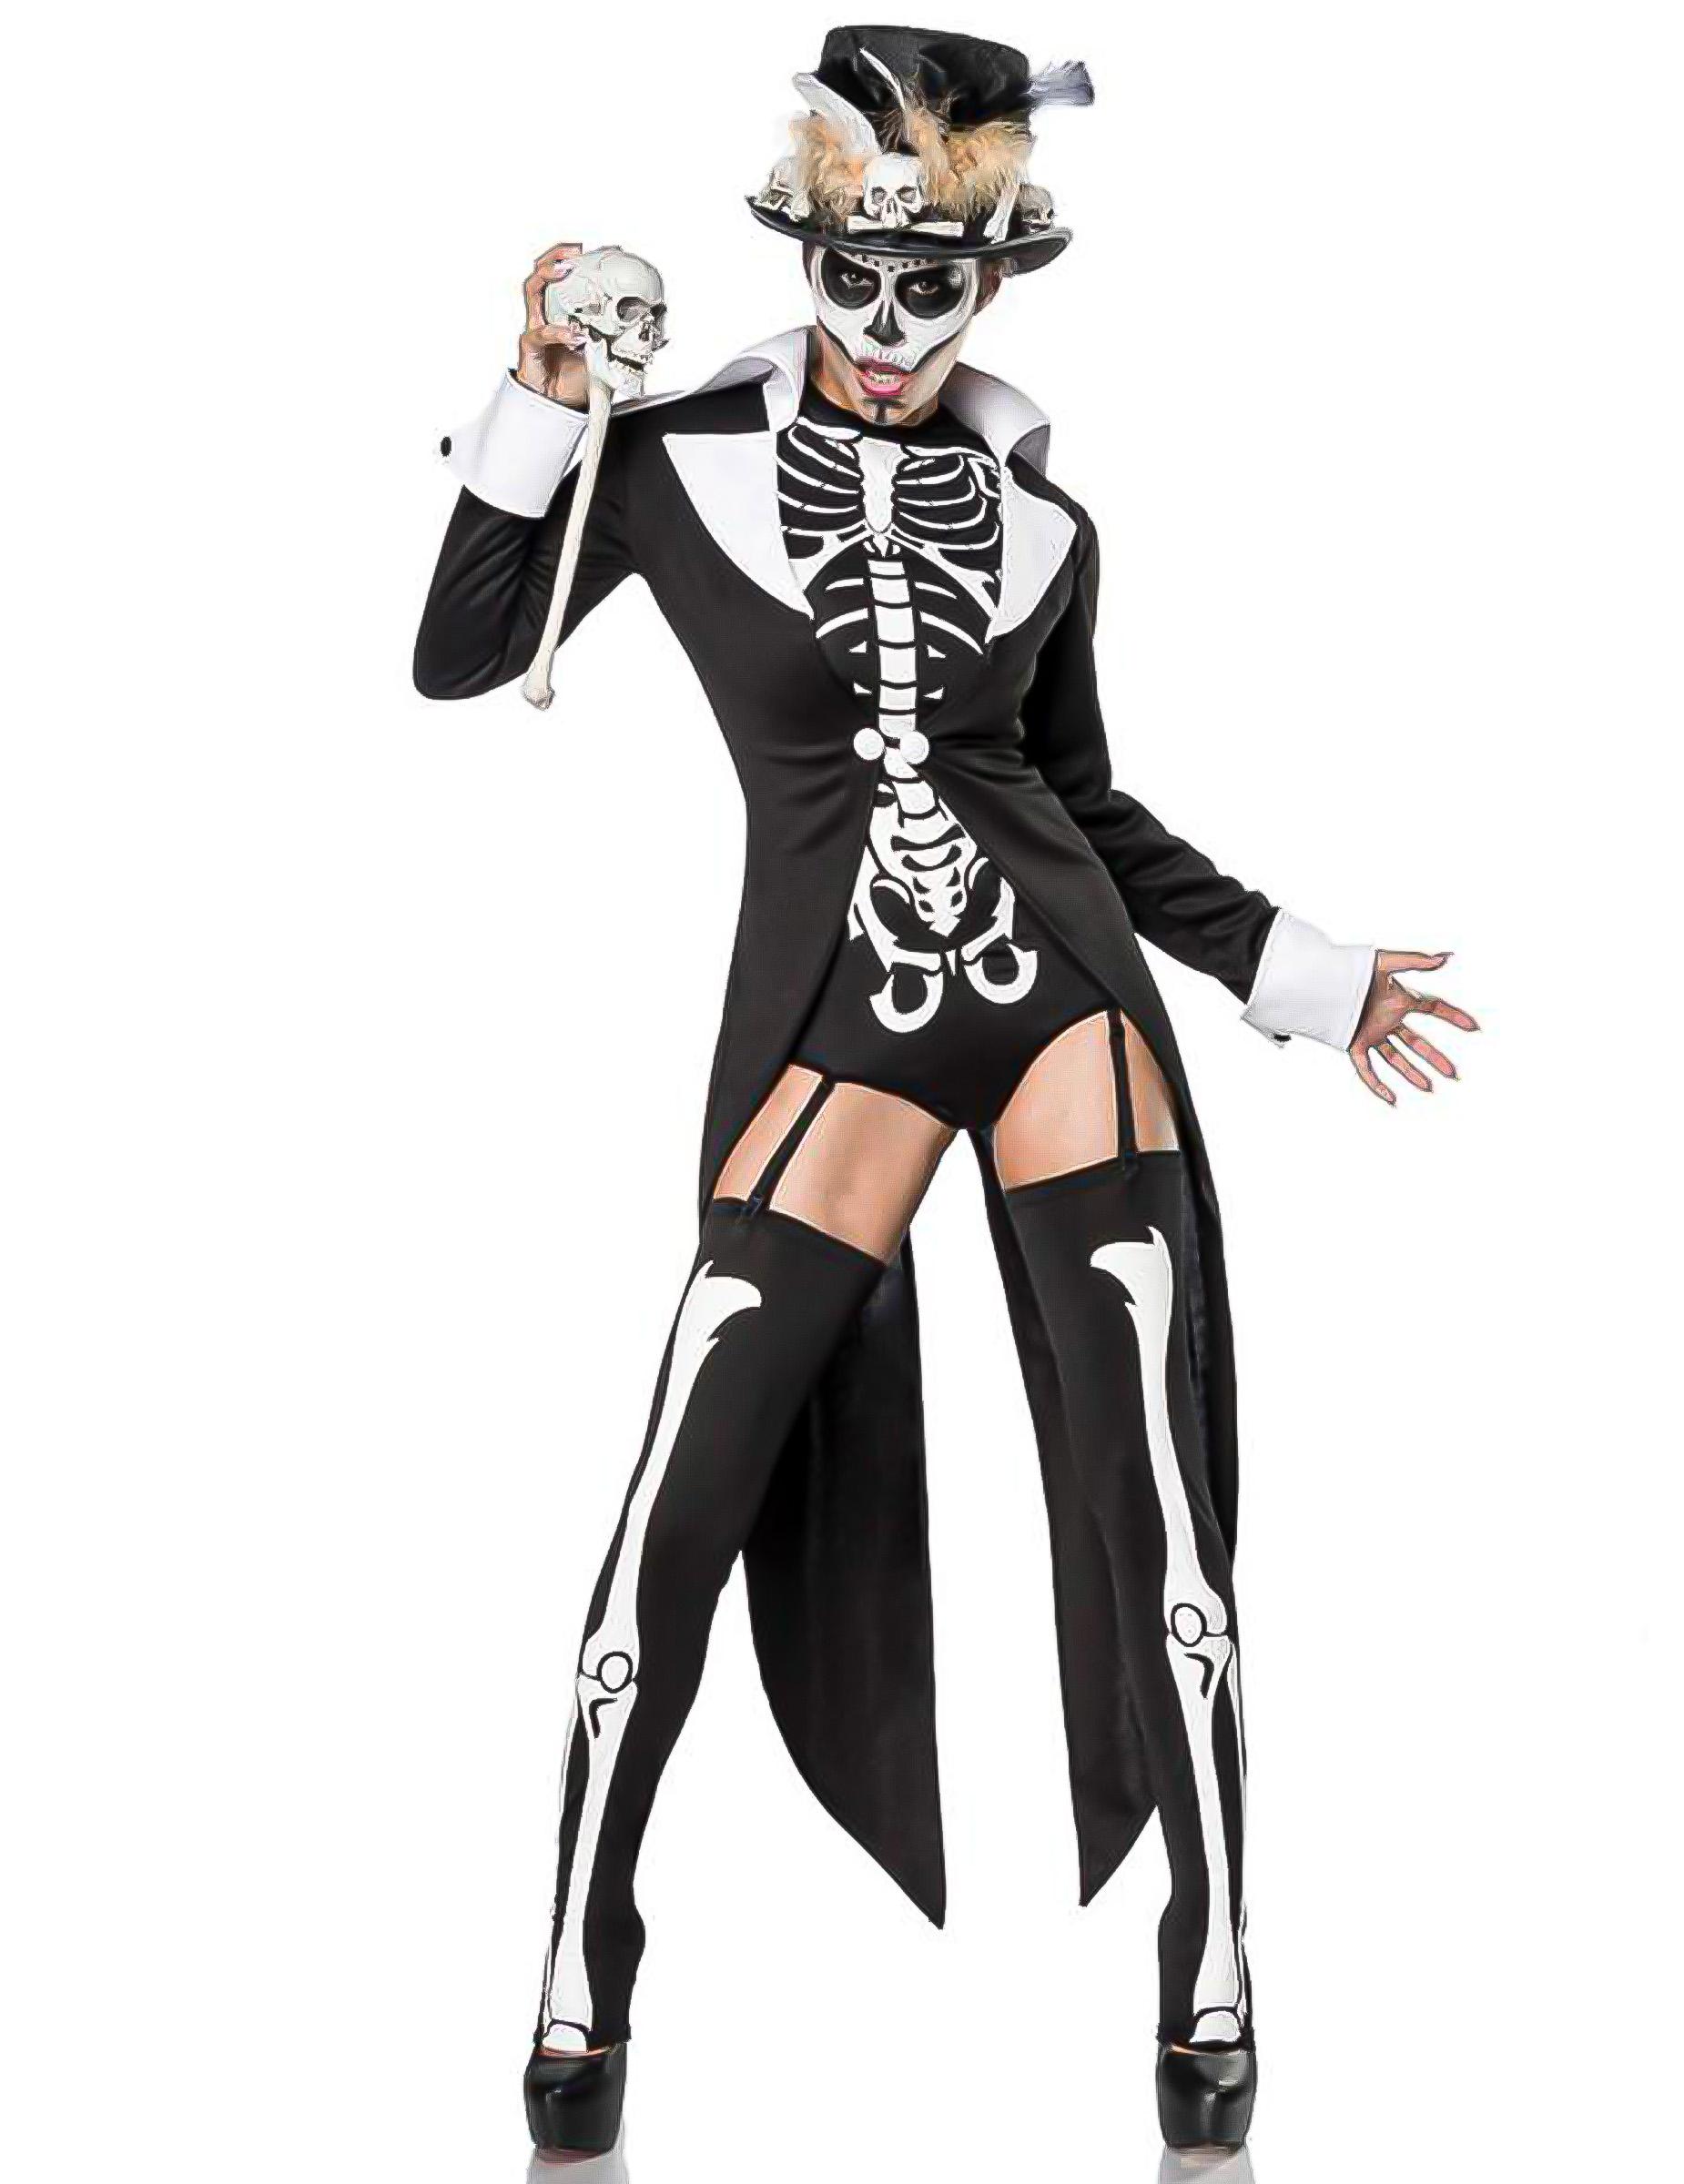 d97acd7b9da650 Skelett-Deluxekostüm für Damen Halloweenkostüm schwarz-weiss